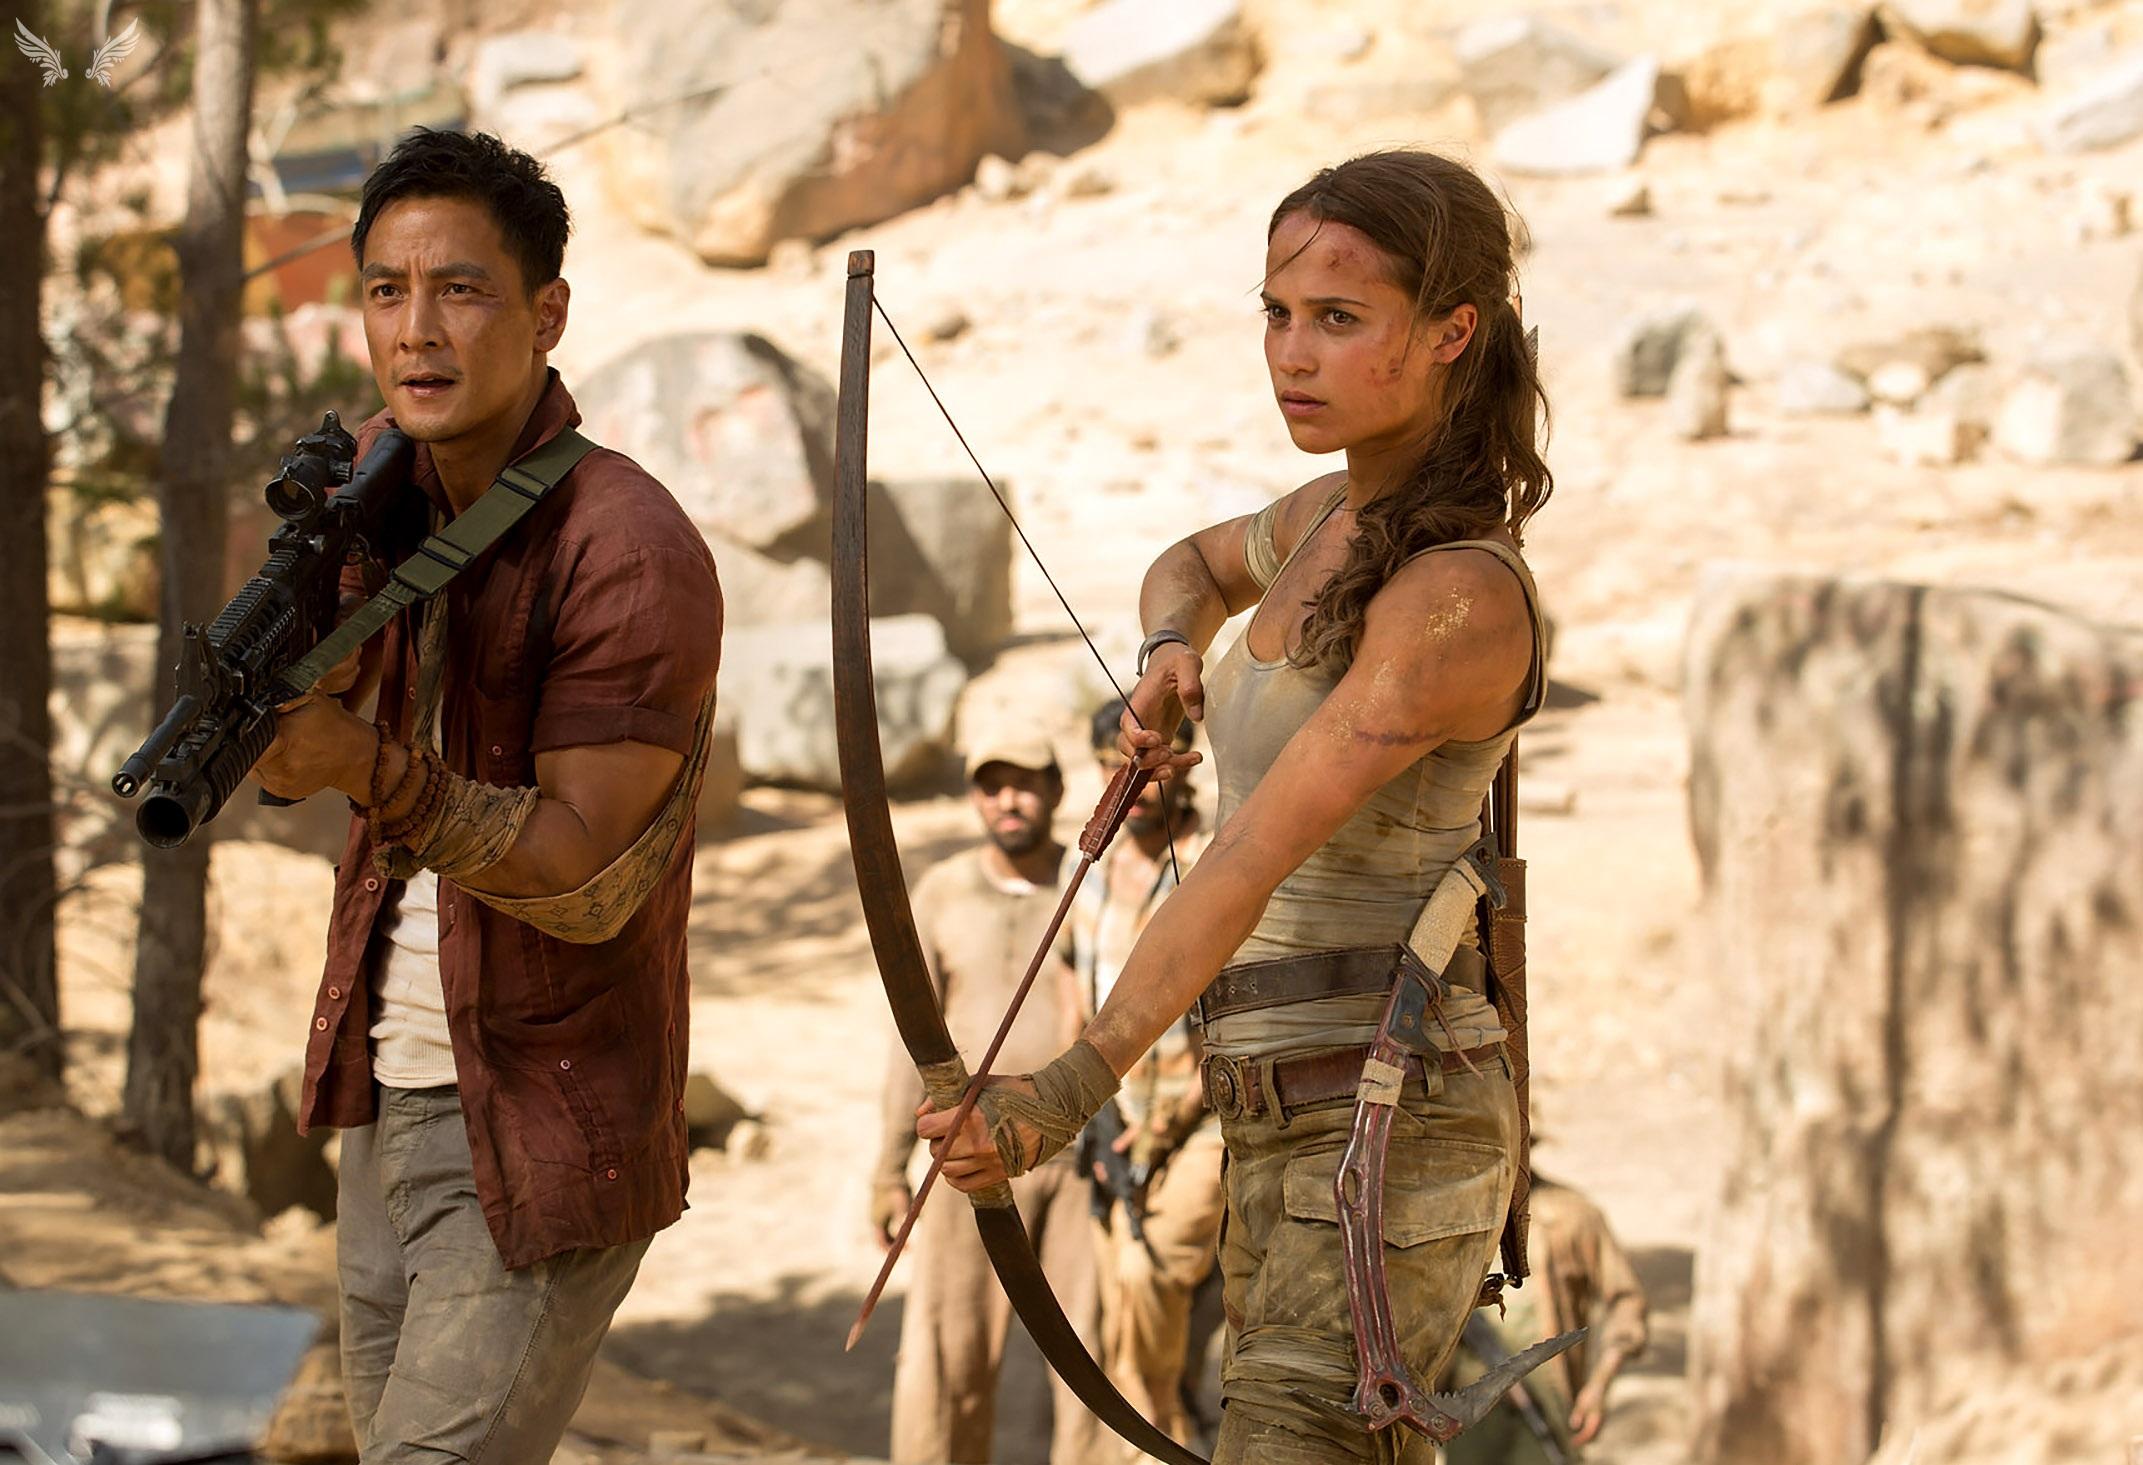 Nuove foto dal set di Tomb Raider!